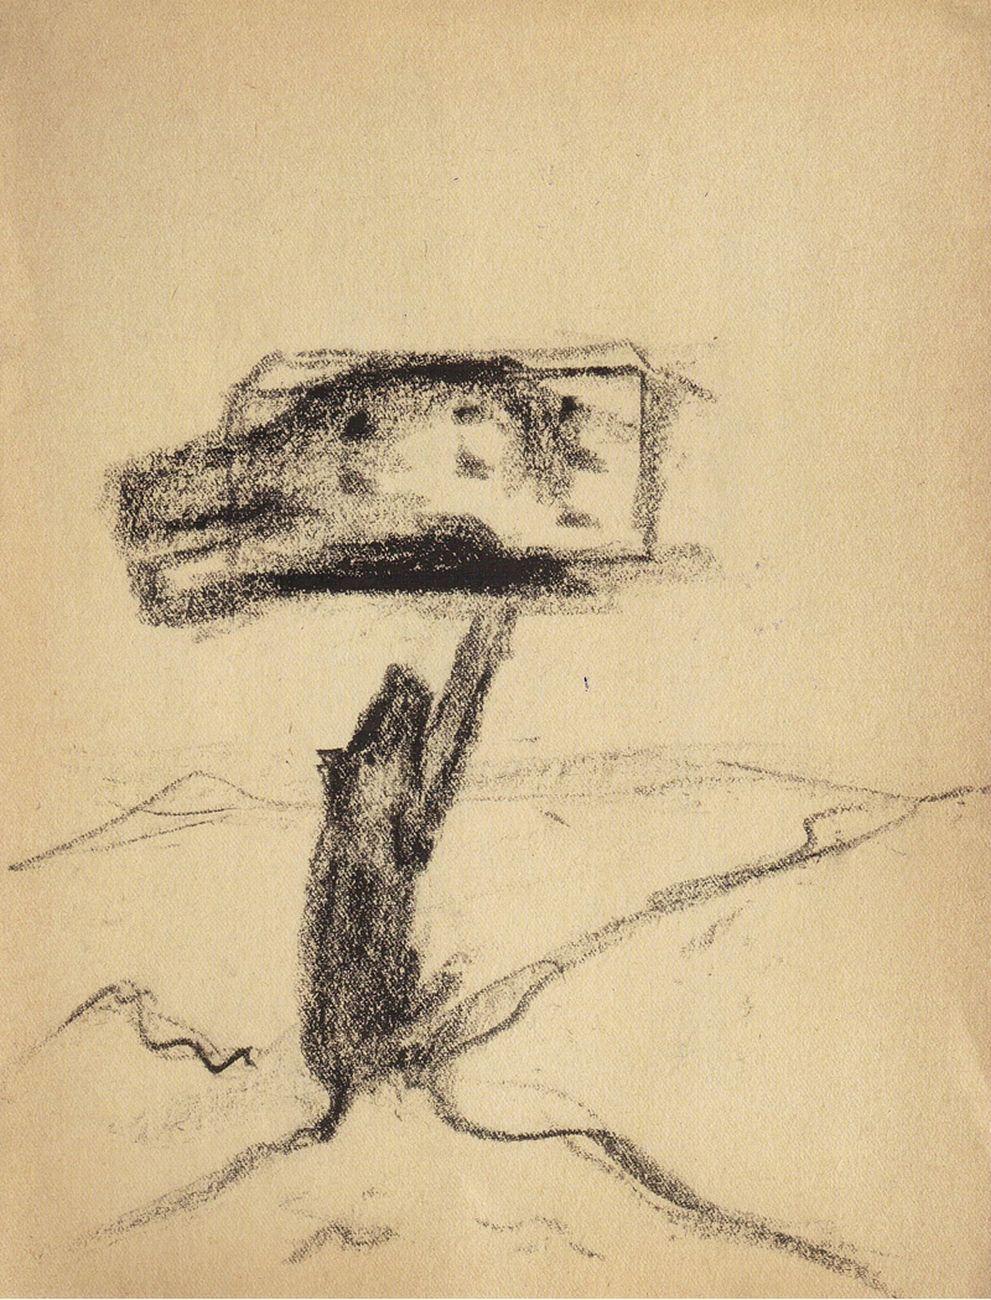 Enzo Cucchi, Il Vesuvio, 1994, matita e carboncino su carta, cm 23x30,5